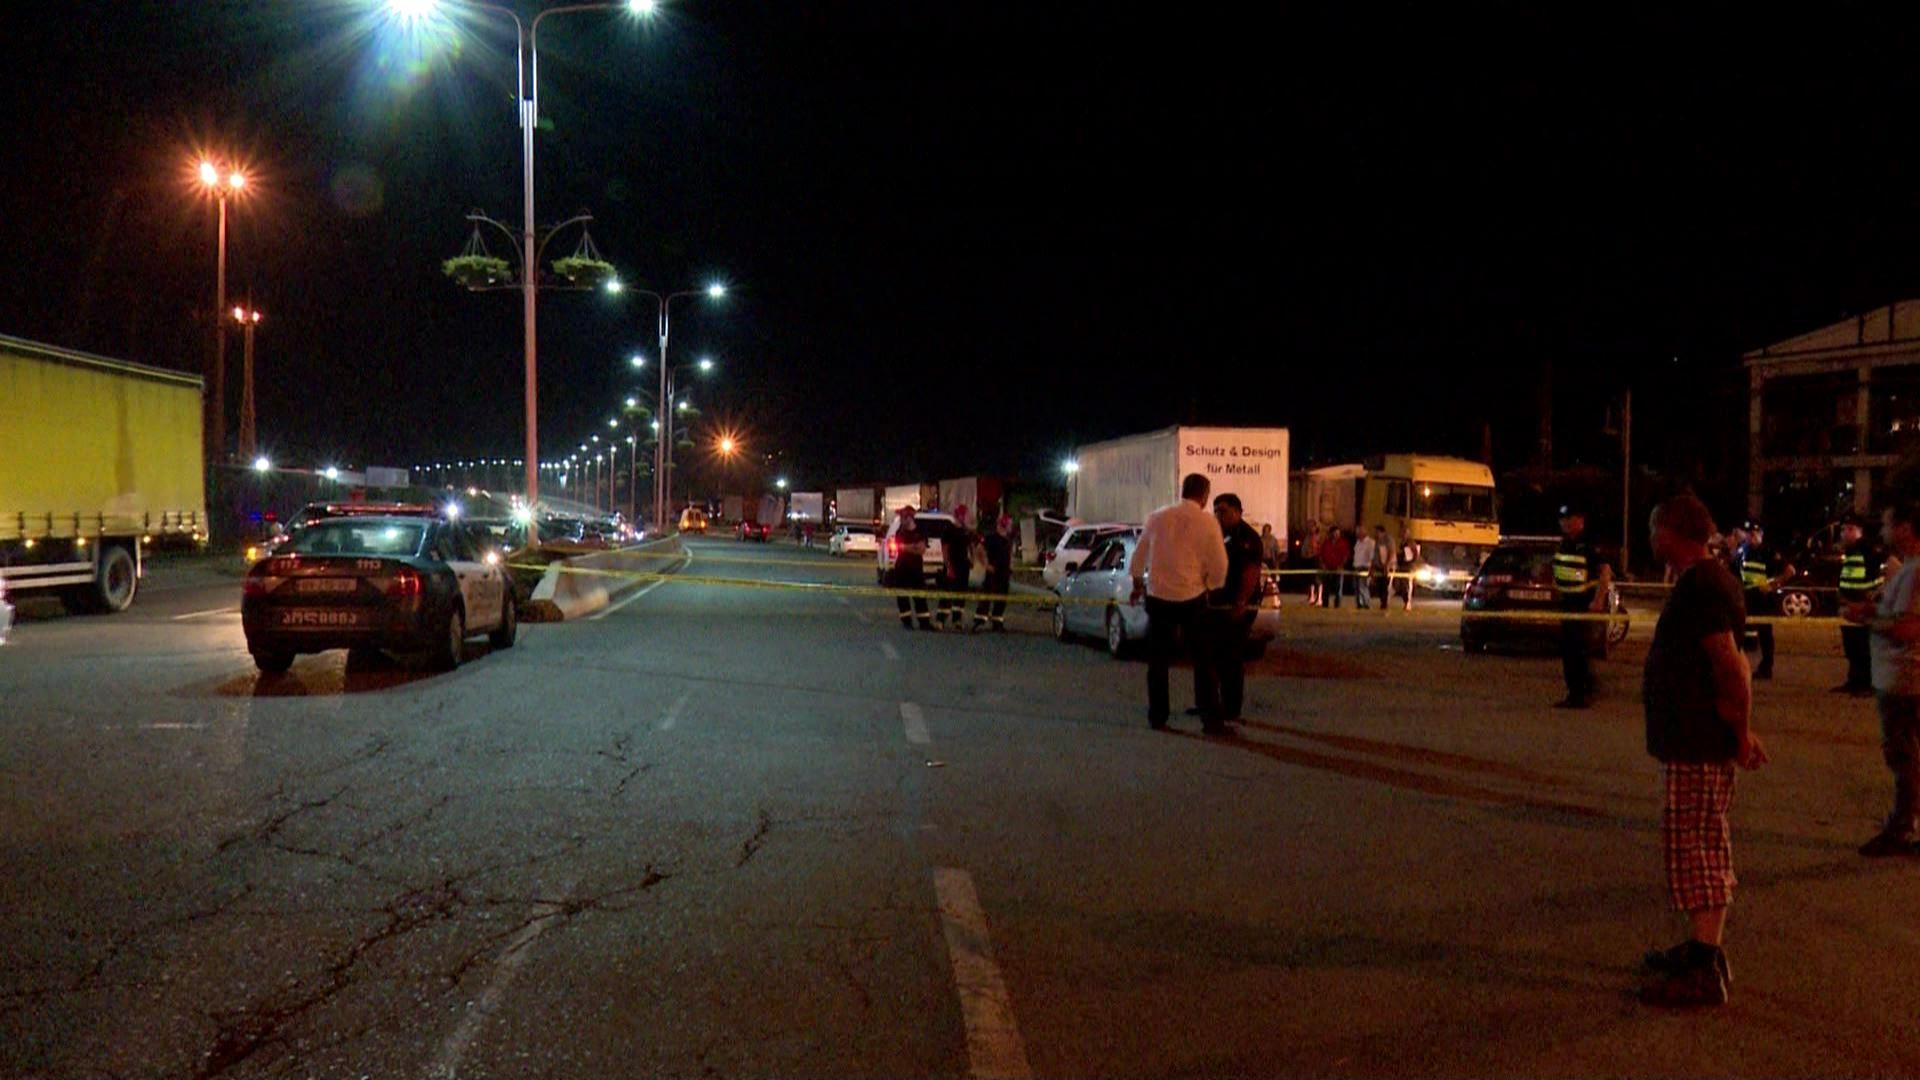 ავარია ესტაკადასთან - დაშავდა ორი ადამიანი